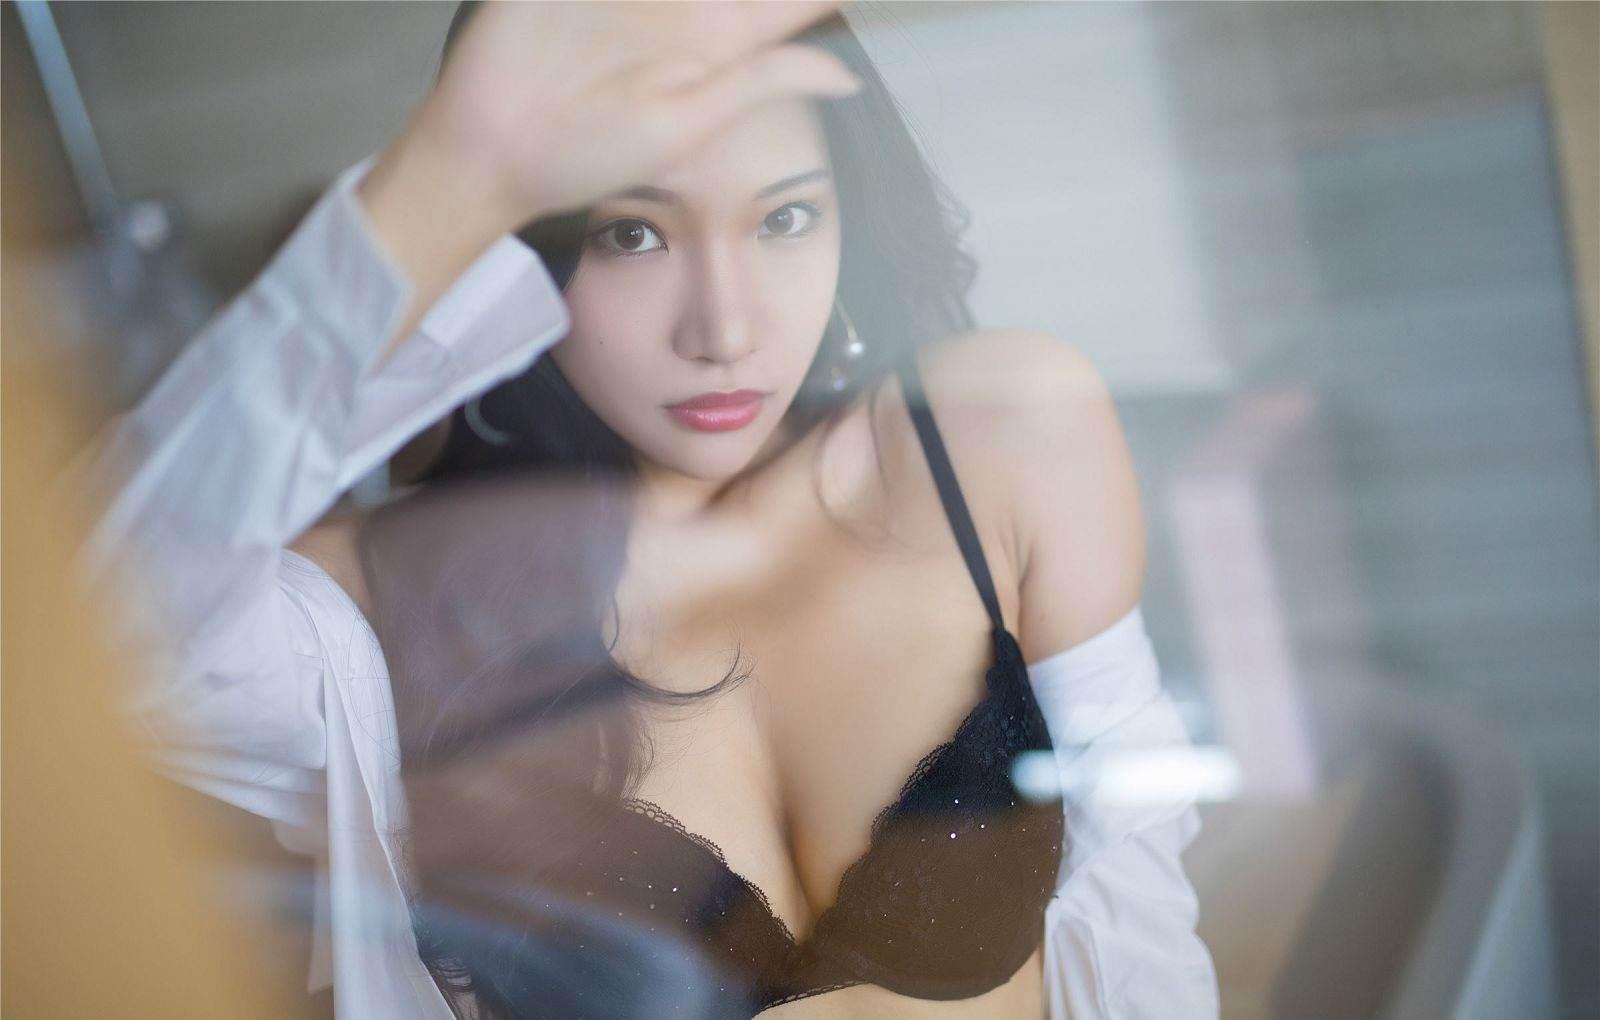 第120期性感女仆装小狐狸(蕾丝女仆装)_图片1